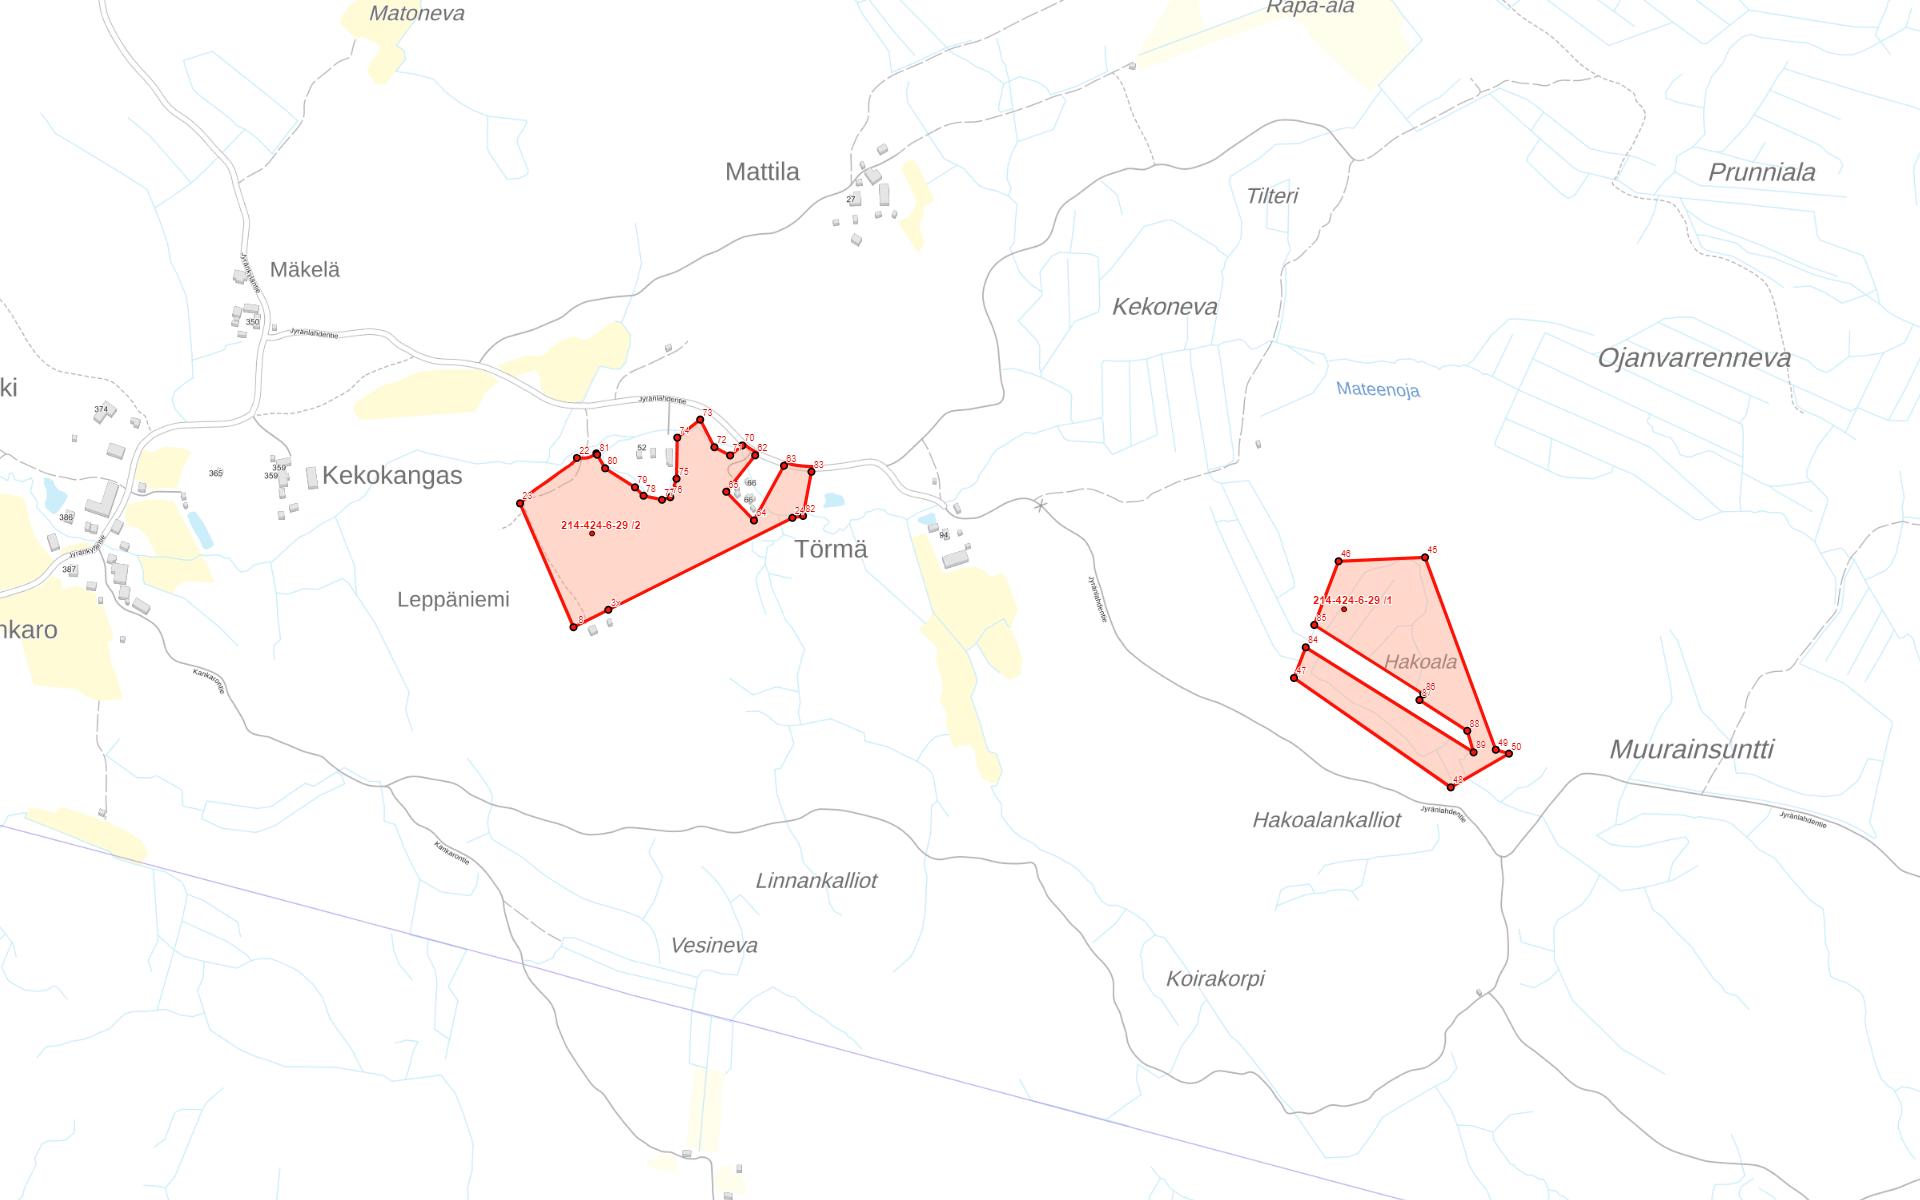 Kartta Kankaanpää Venesjärvi Jyränkylä